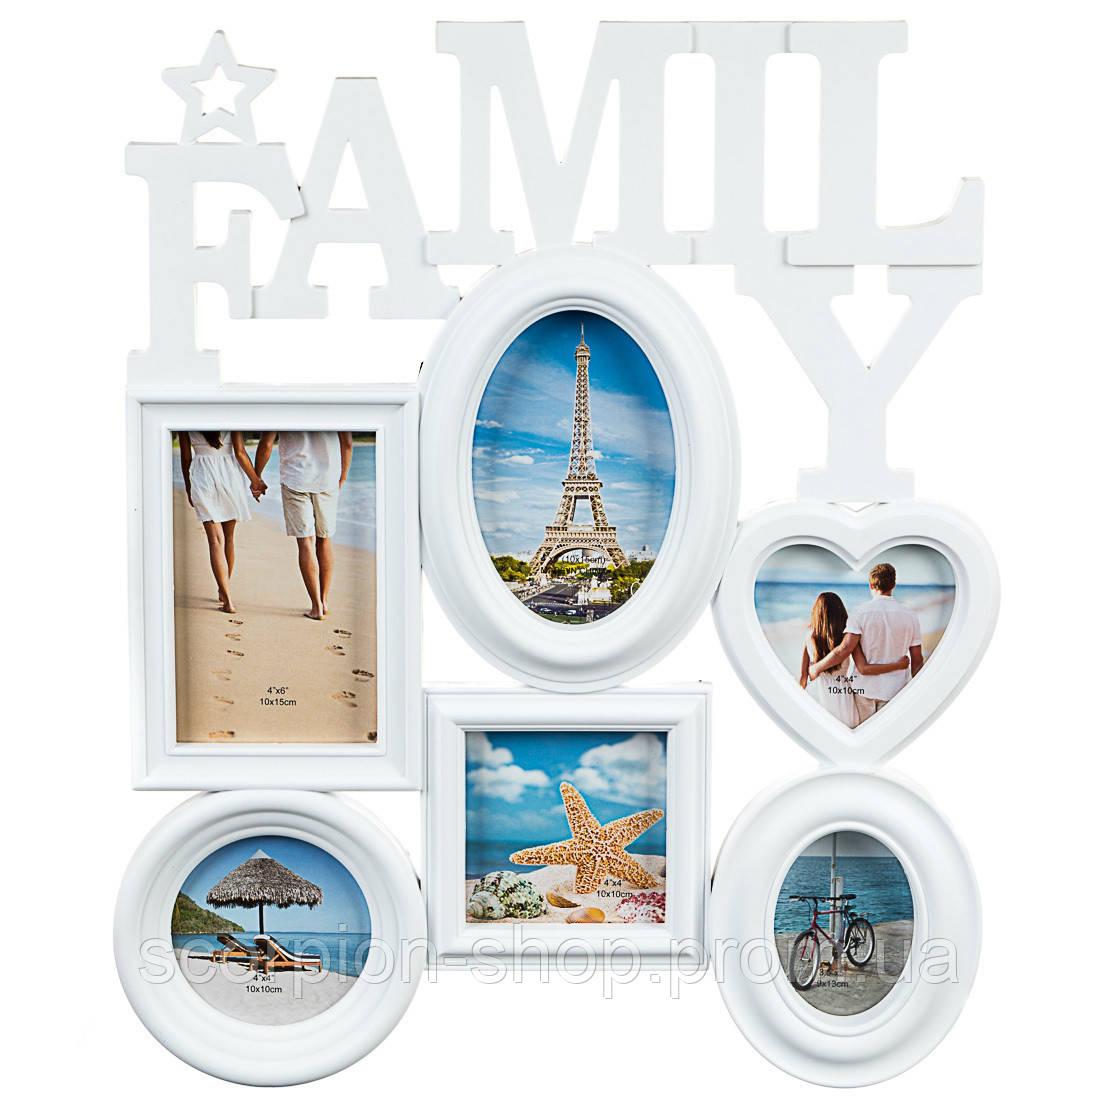 """Фотоколлаж """"Family"""" (47*38*2.5 см) на 6 фото (191I/white)"""